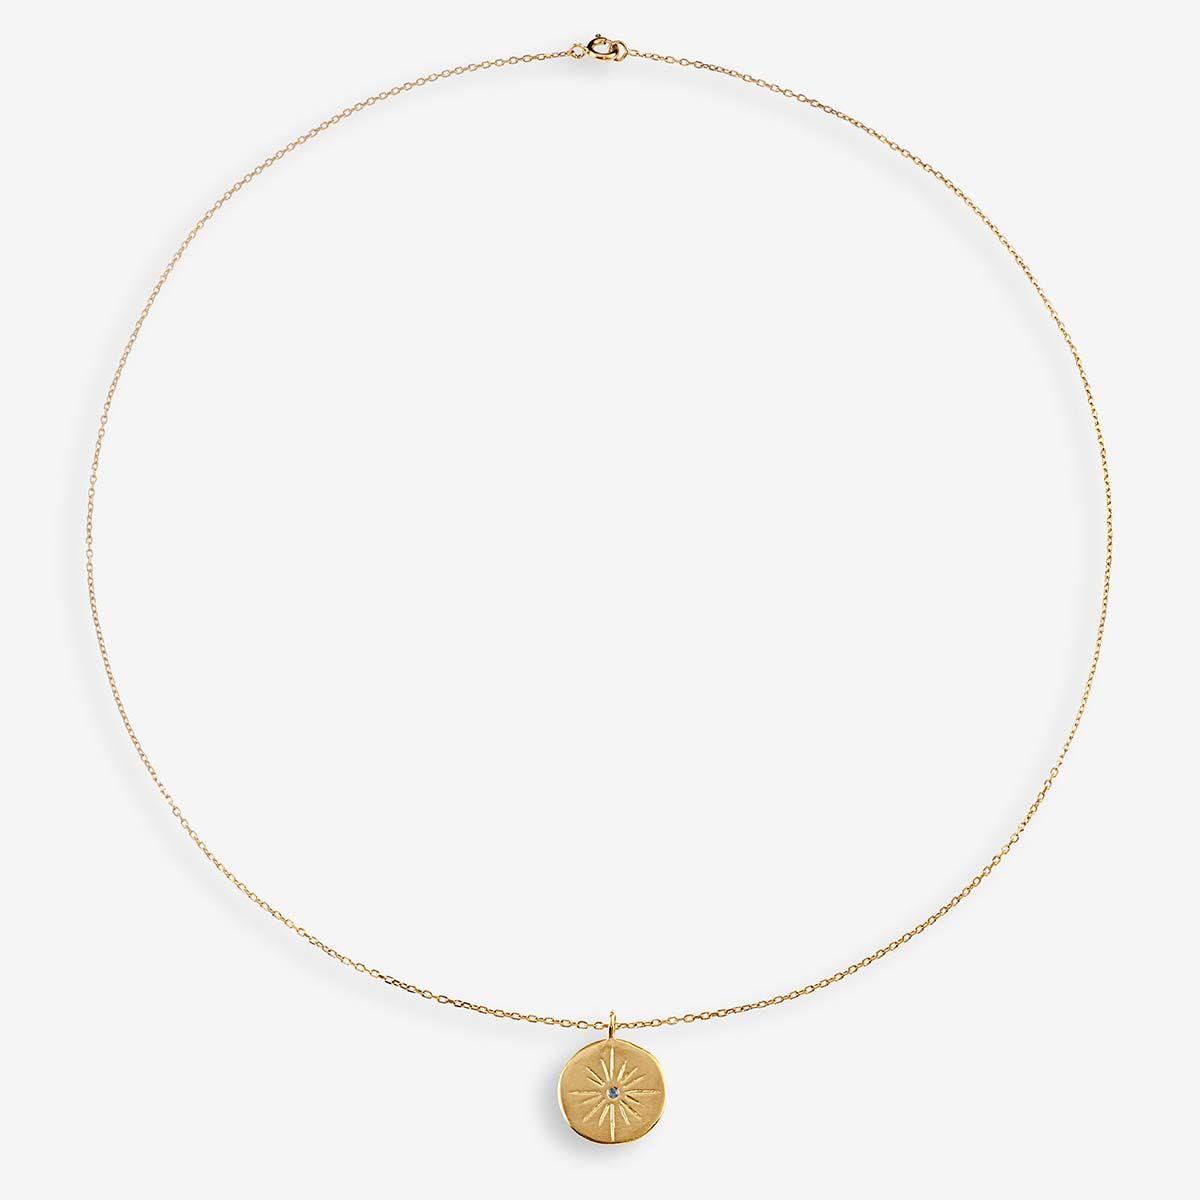 Rima - Halsketten - 24k vergoldet